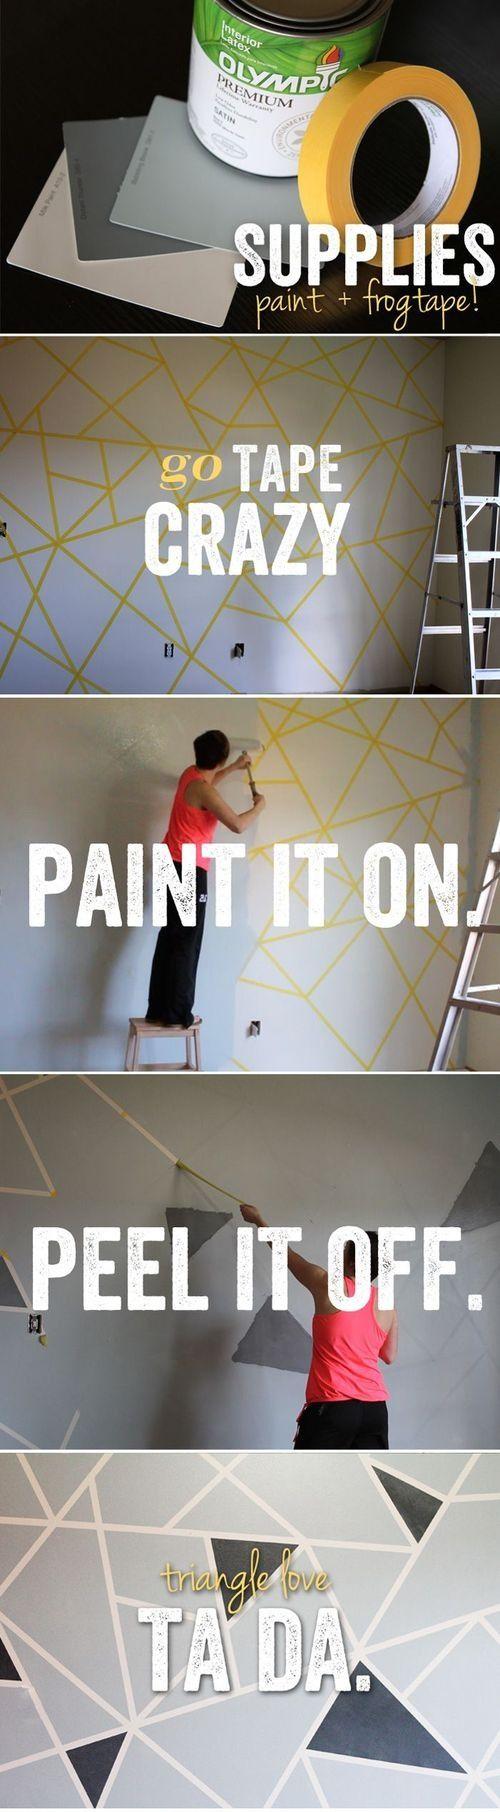 Plak, schilder, aftrekken, klaar!